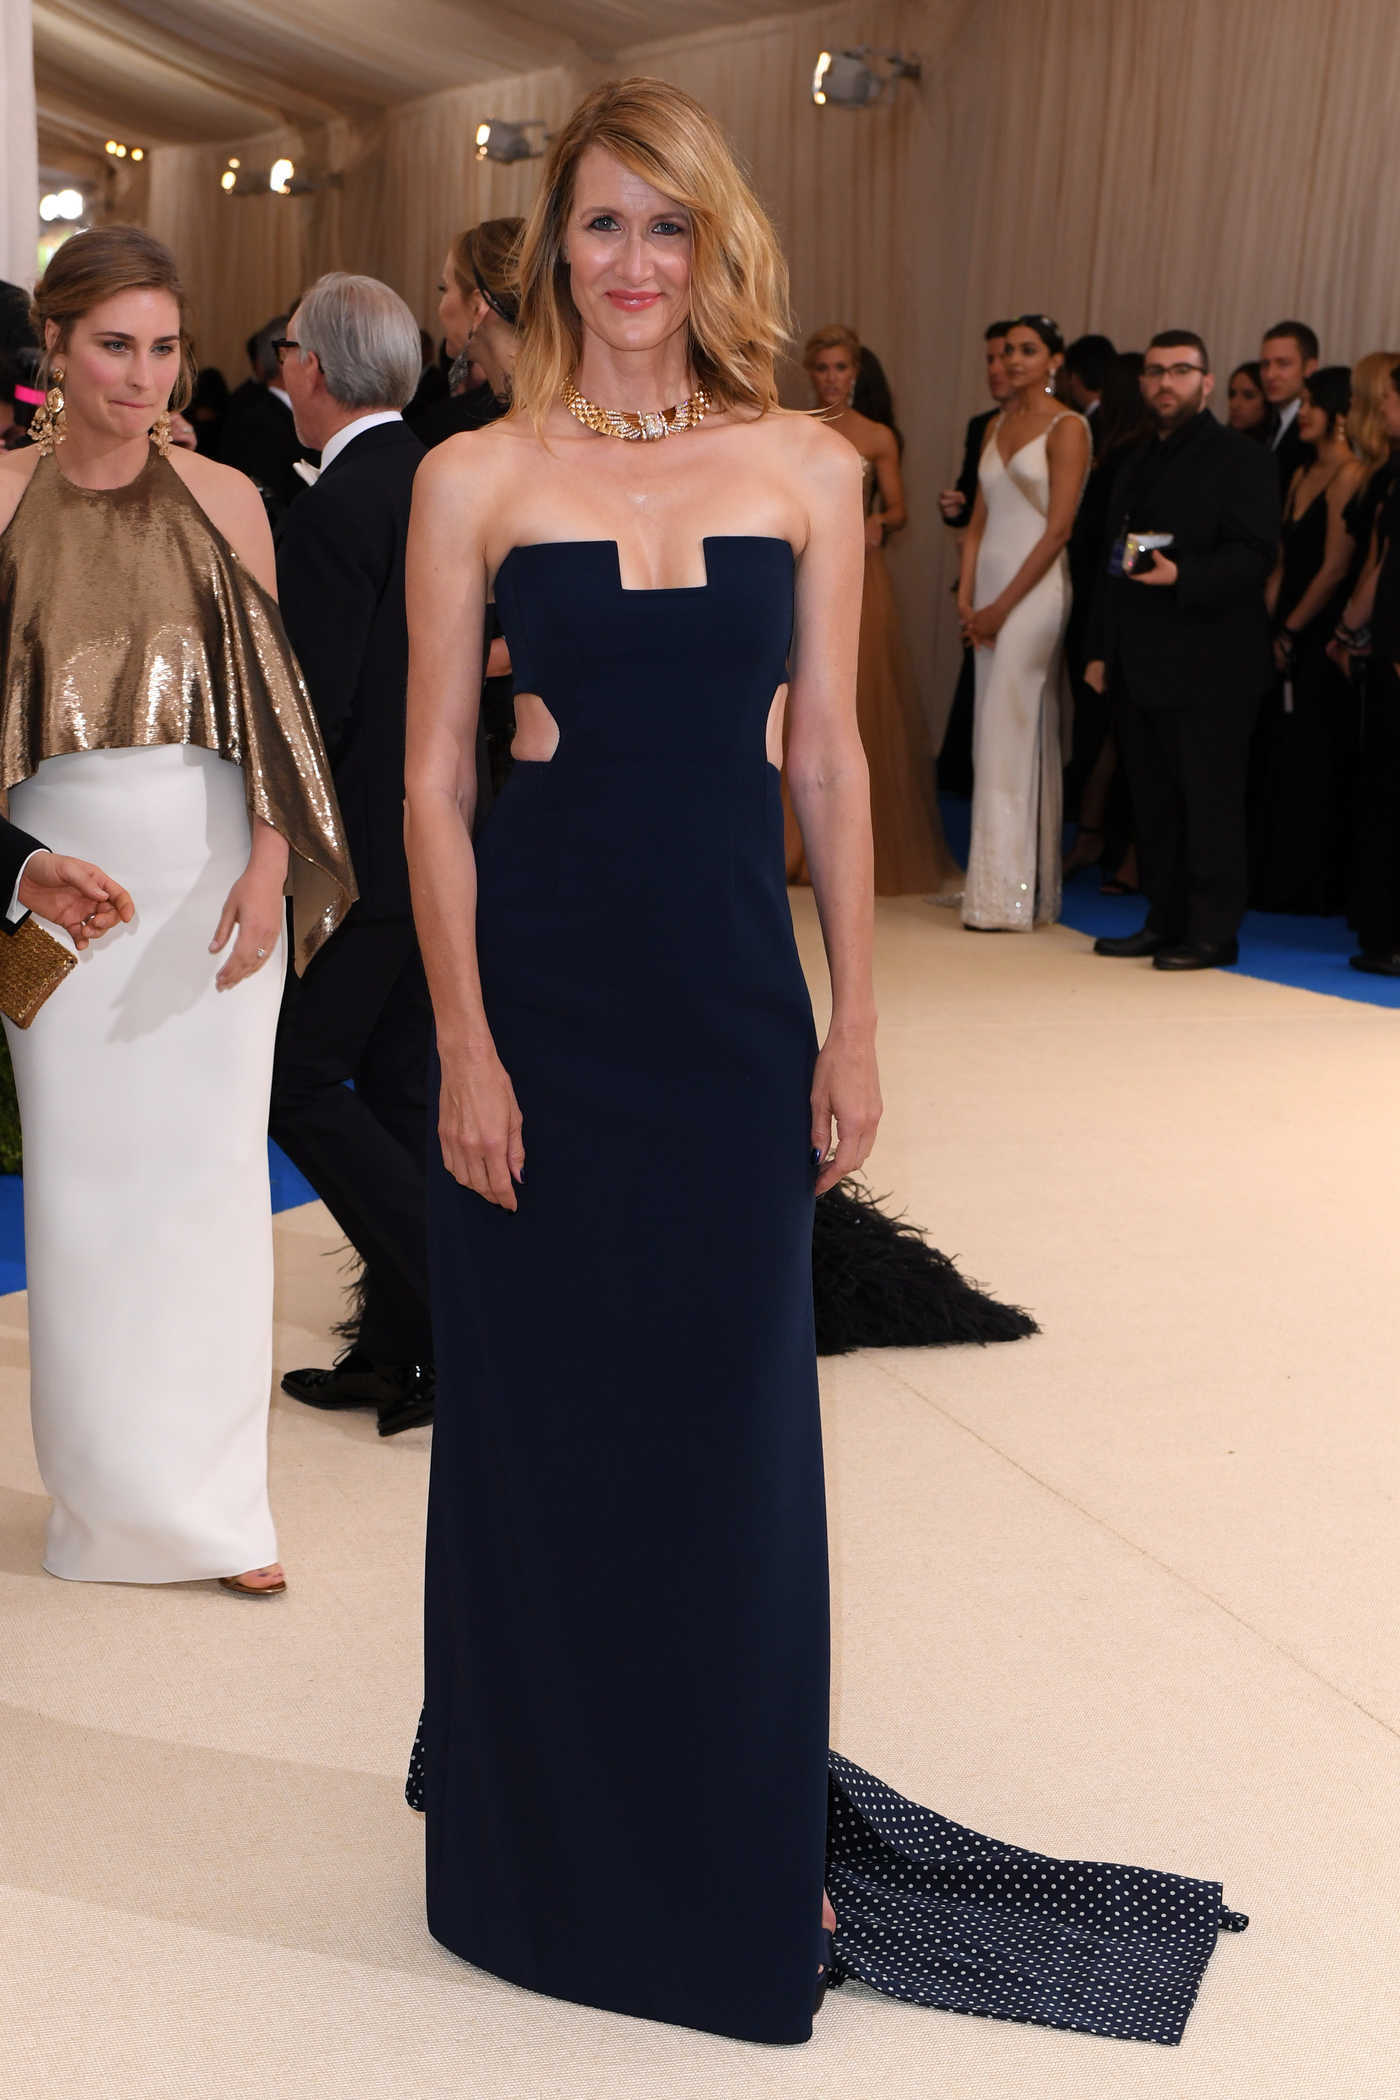 Laura Dern at the 2017 Met Gala at The Metropolitan Museum of Art in New York 05/01/2017